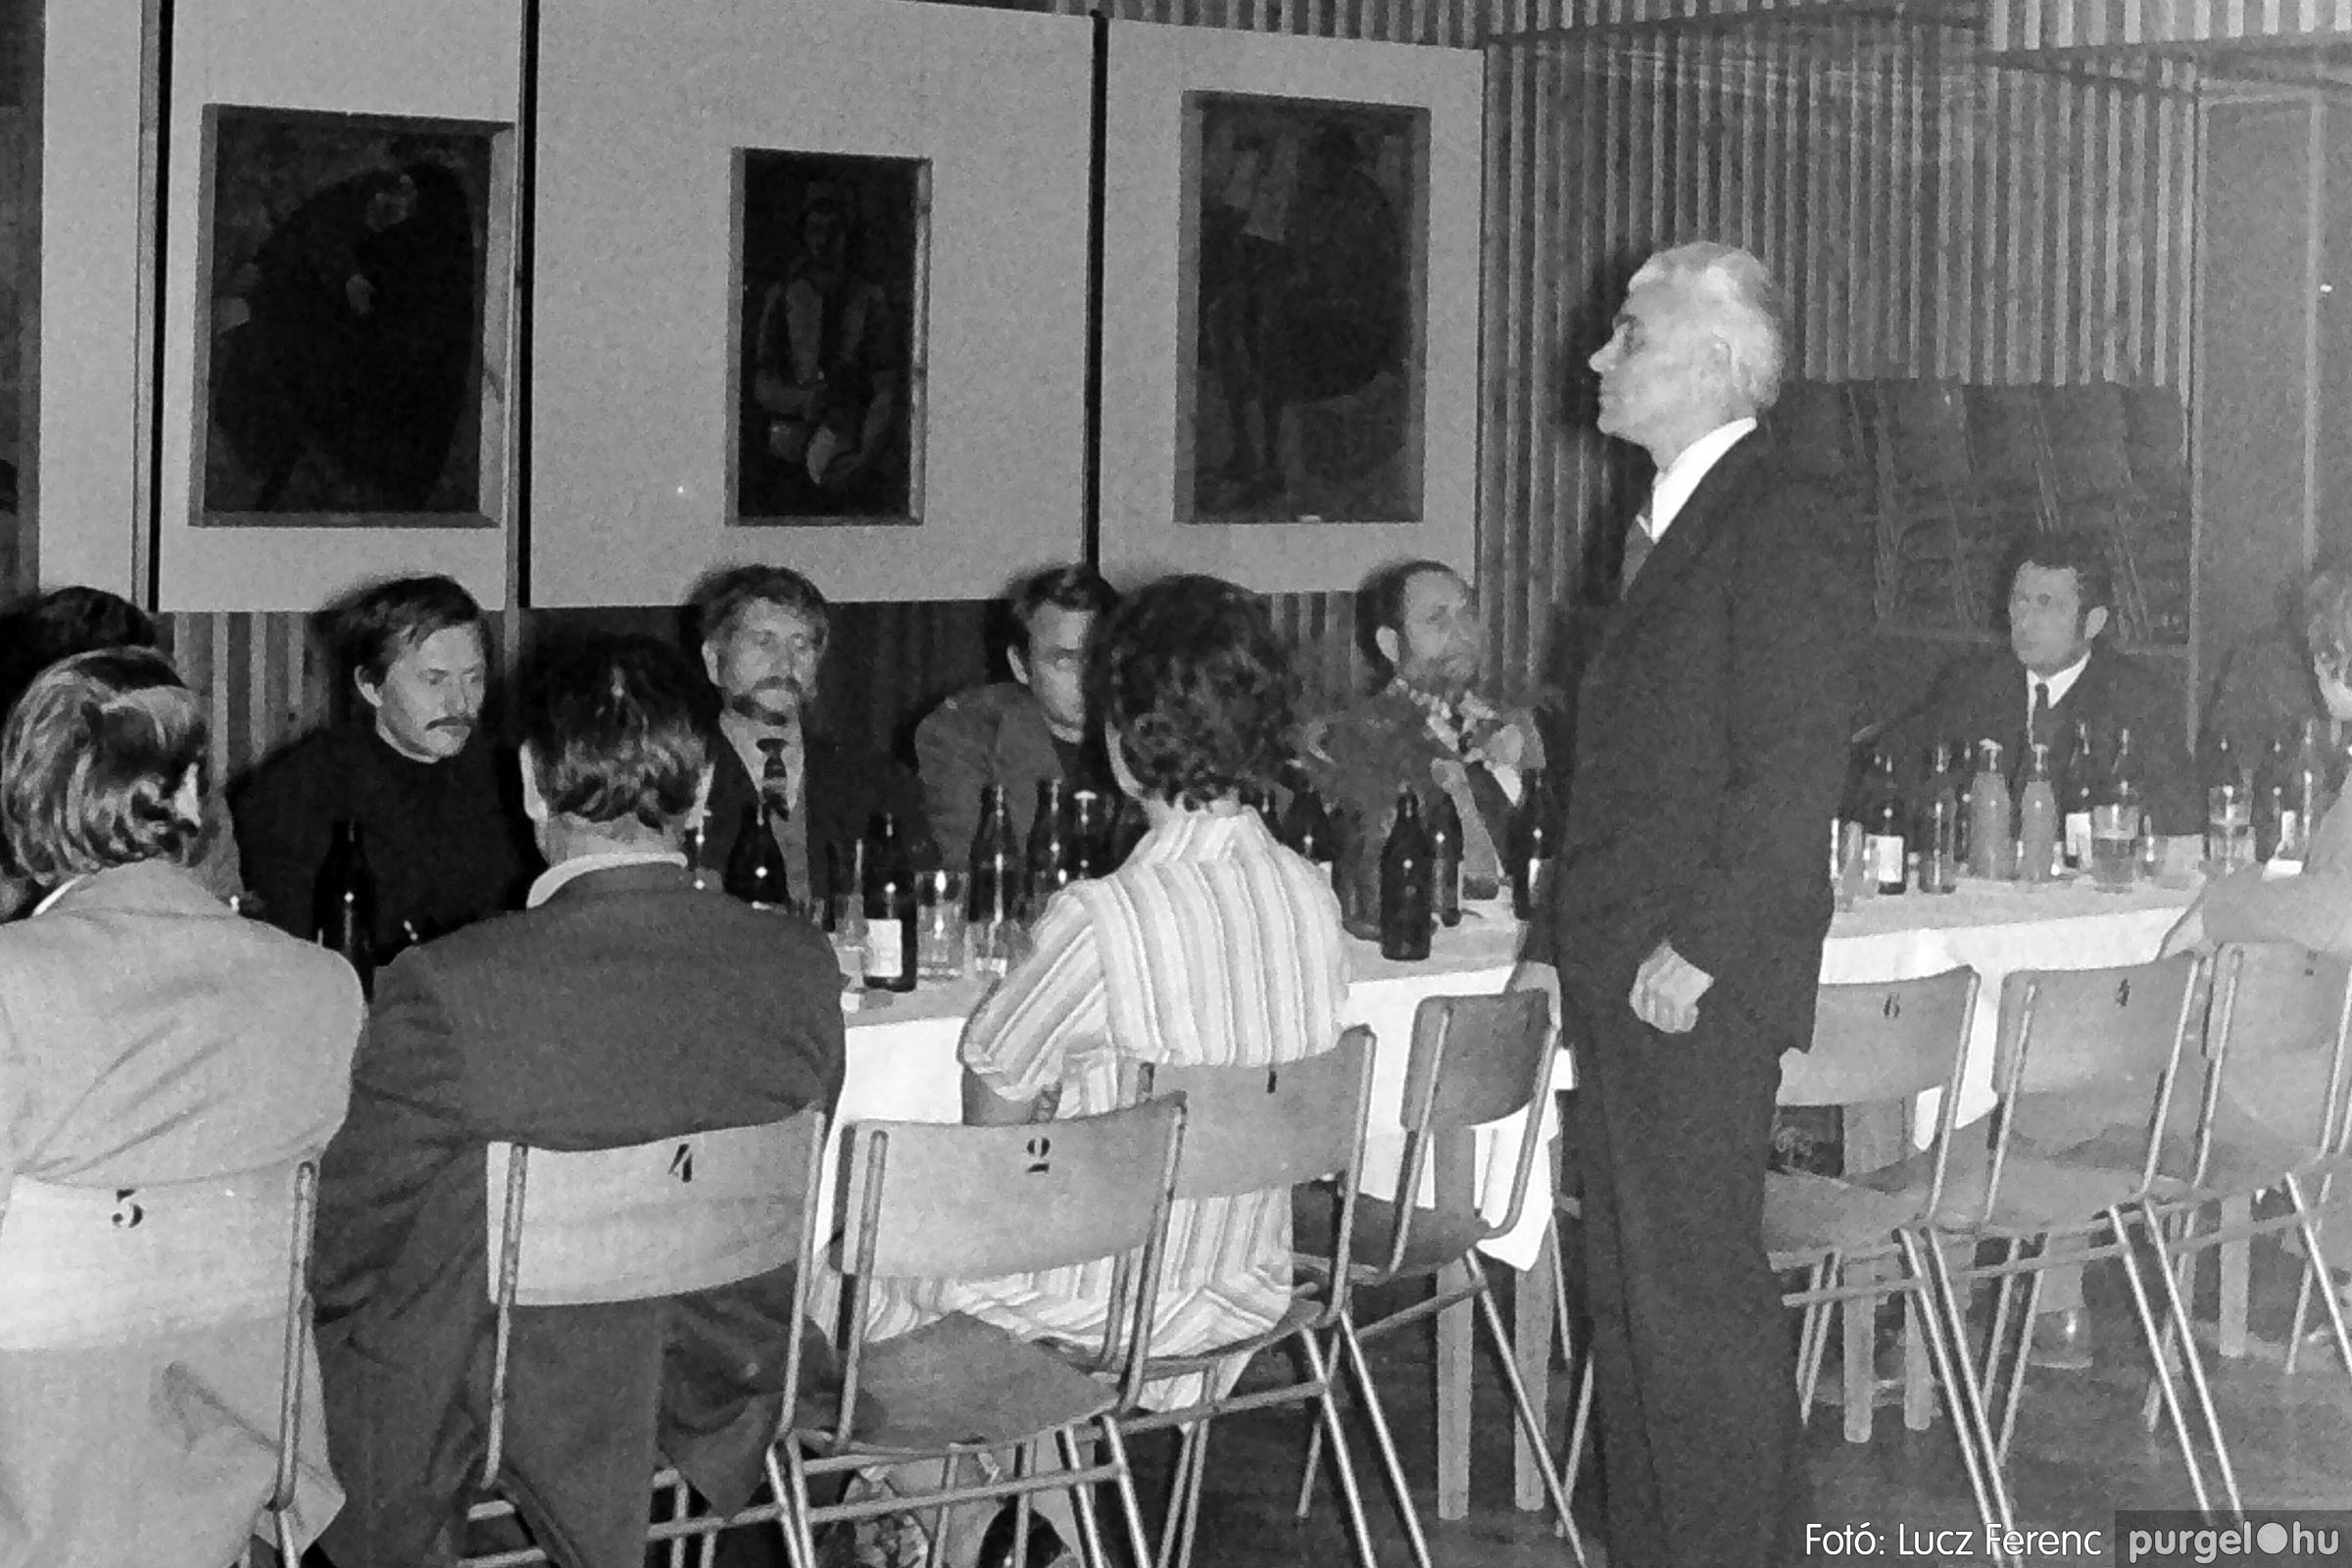 024 1975.10. Németh József és Szalay Ferenc festőművészek kiállítása 005 - Fotó: Lucz Ferenc IMG00203q.jpg